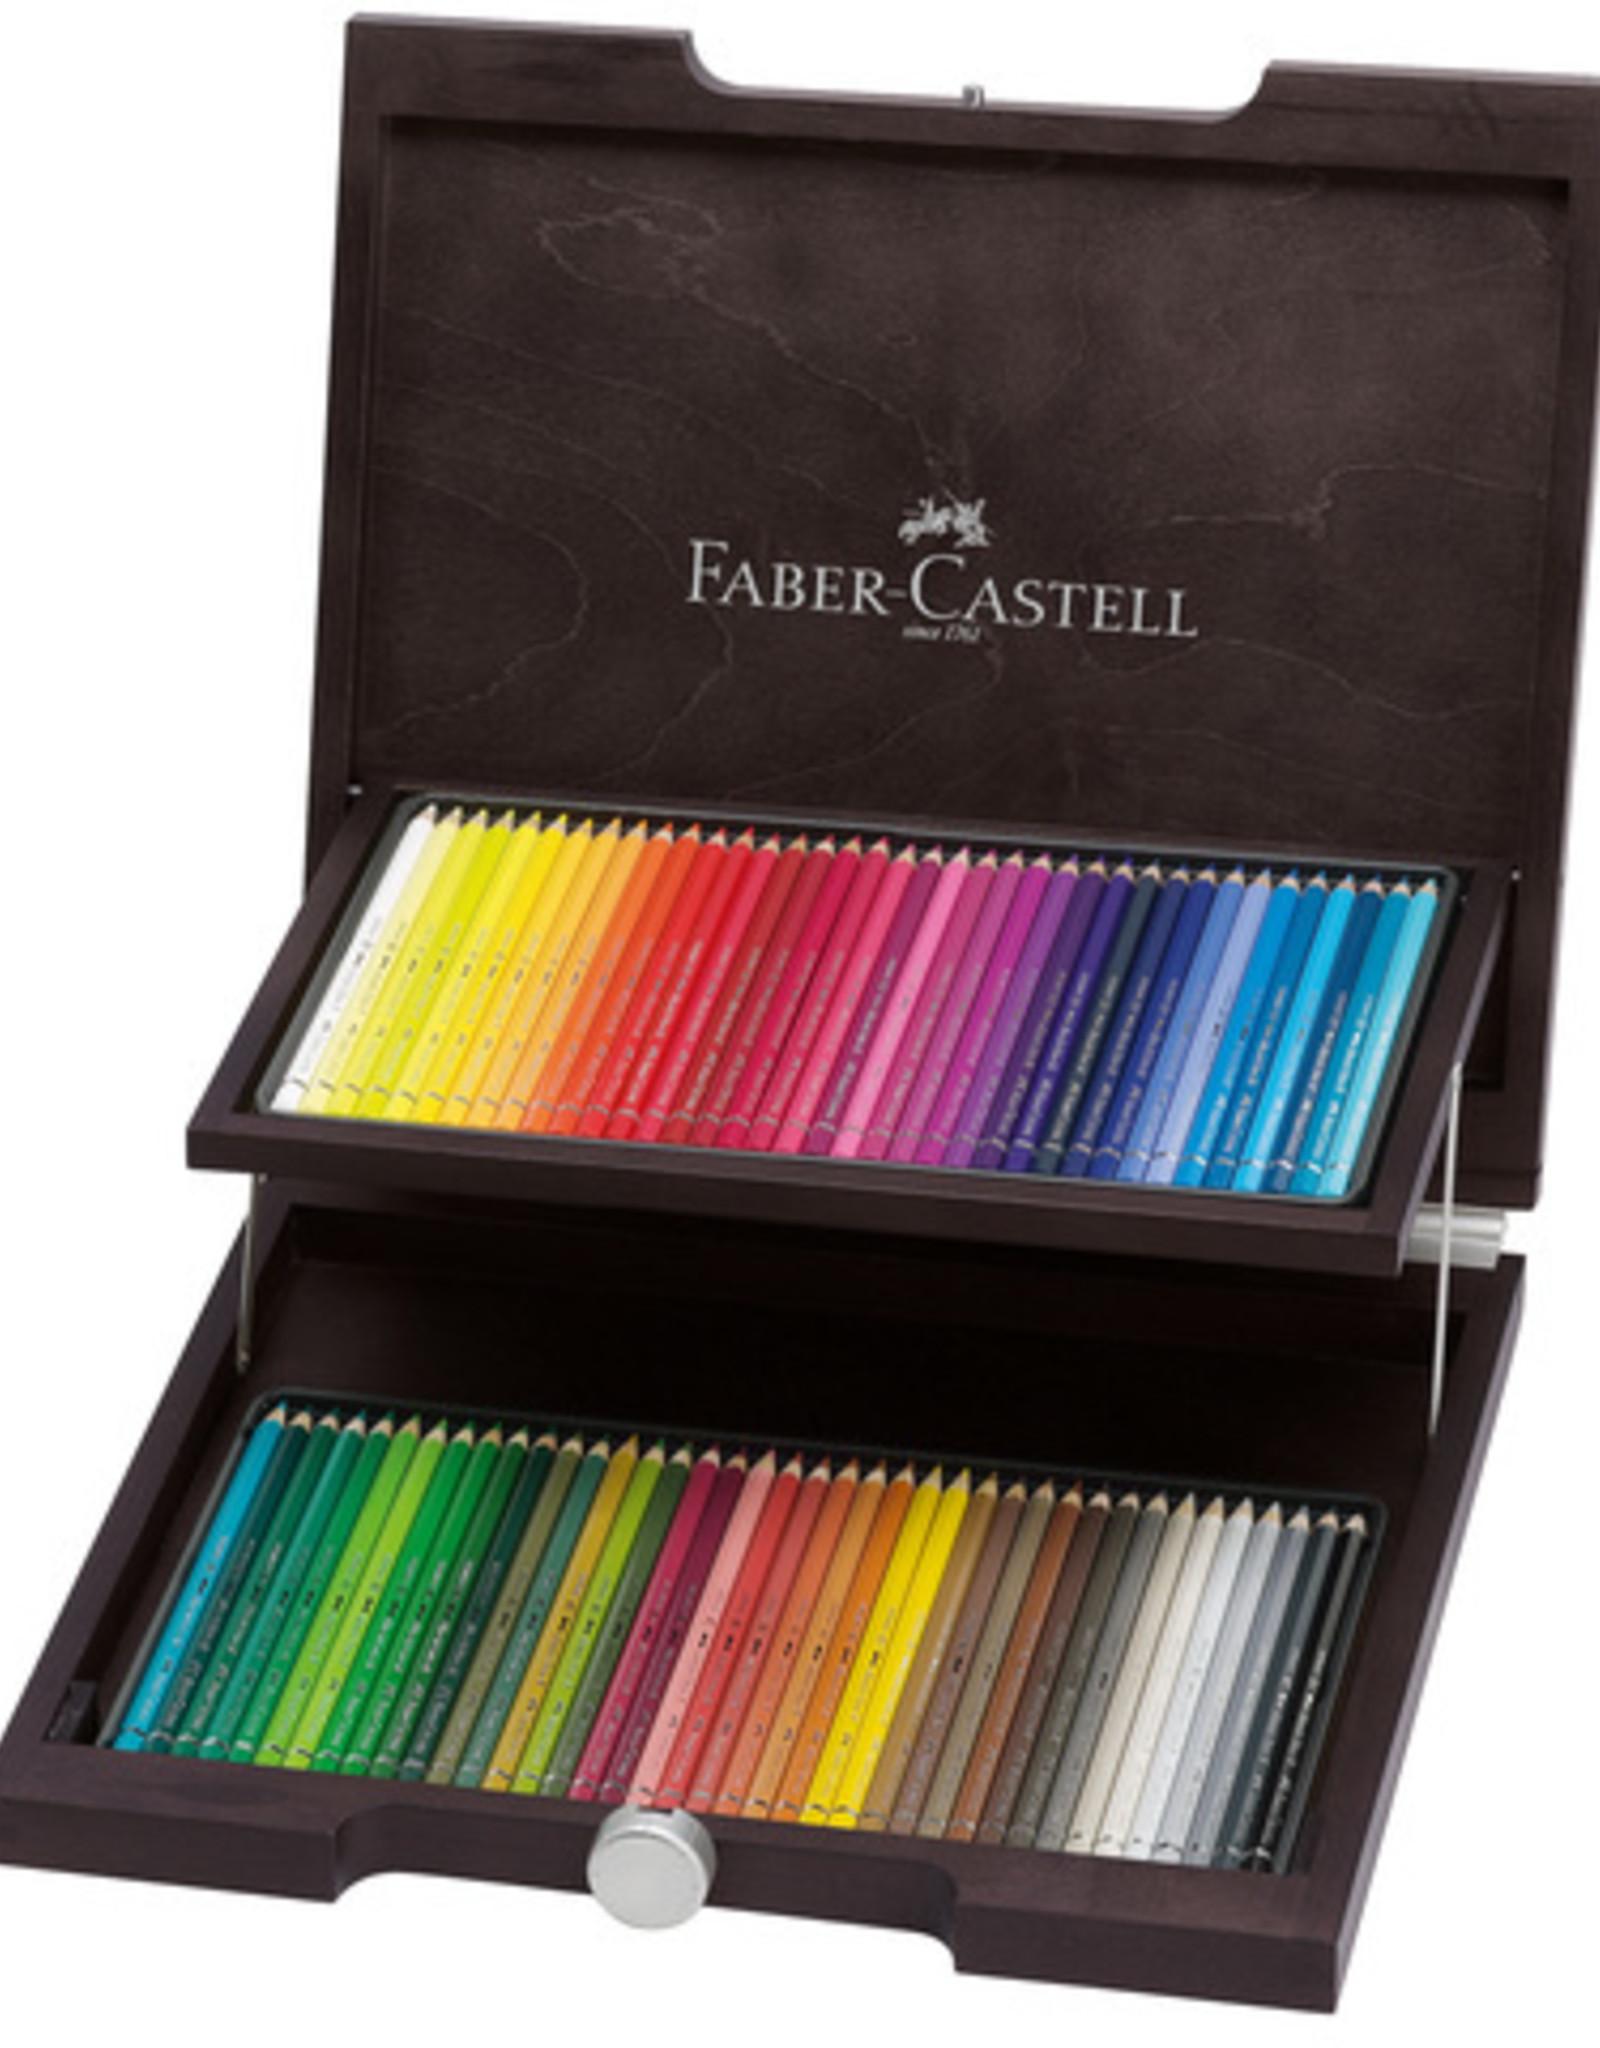 Faber-Castel Aquarelpotloden 'Prof'set 72 stuks in luxe houten kist Faber Castell 'Albrecht Durer'